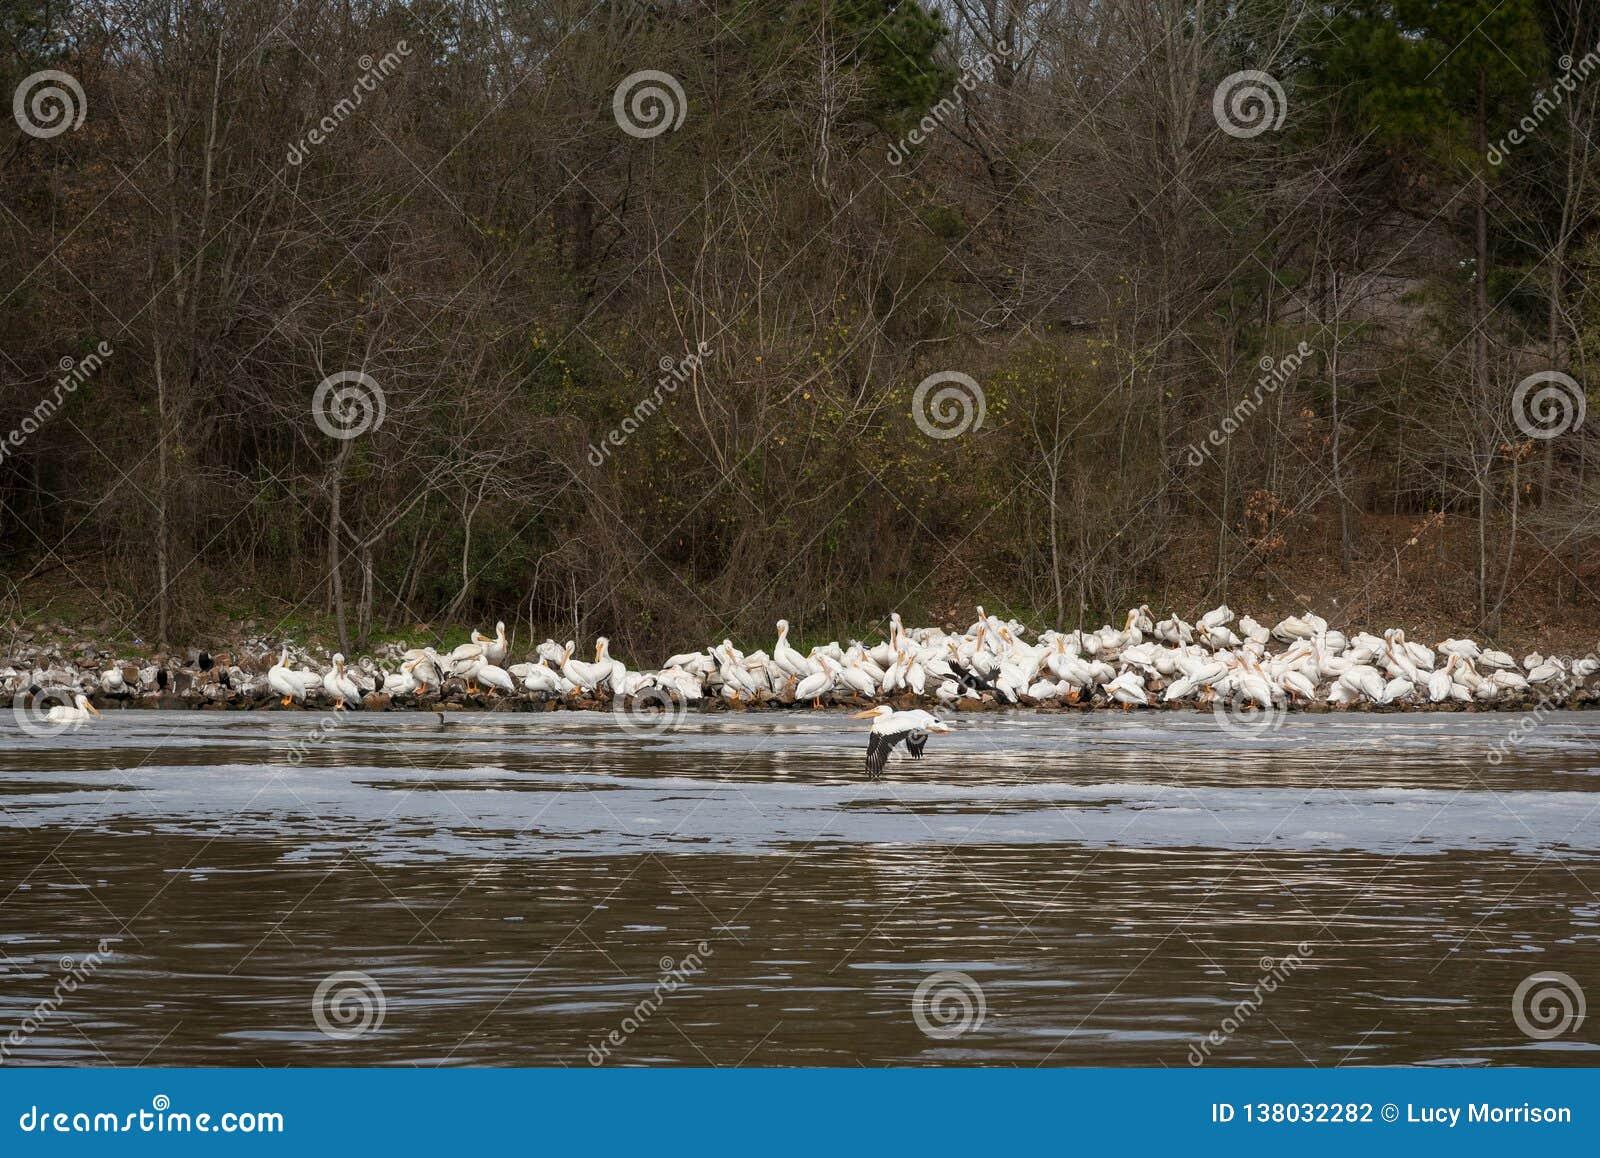 White Pelicans Congregate on River Shoreline in Winter